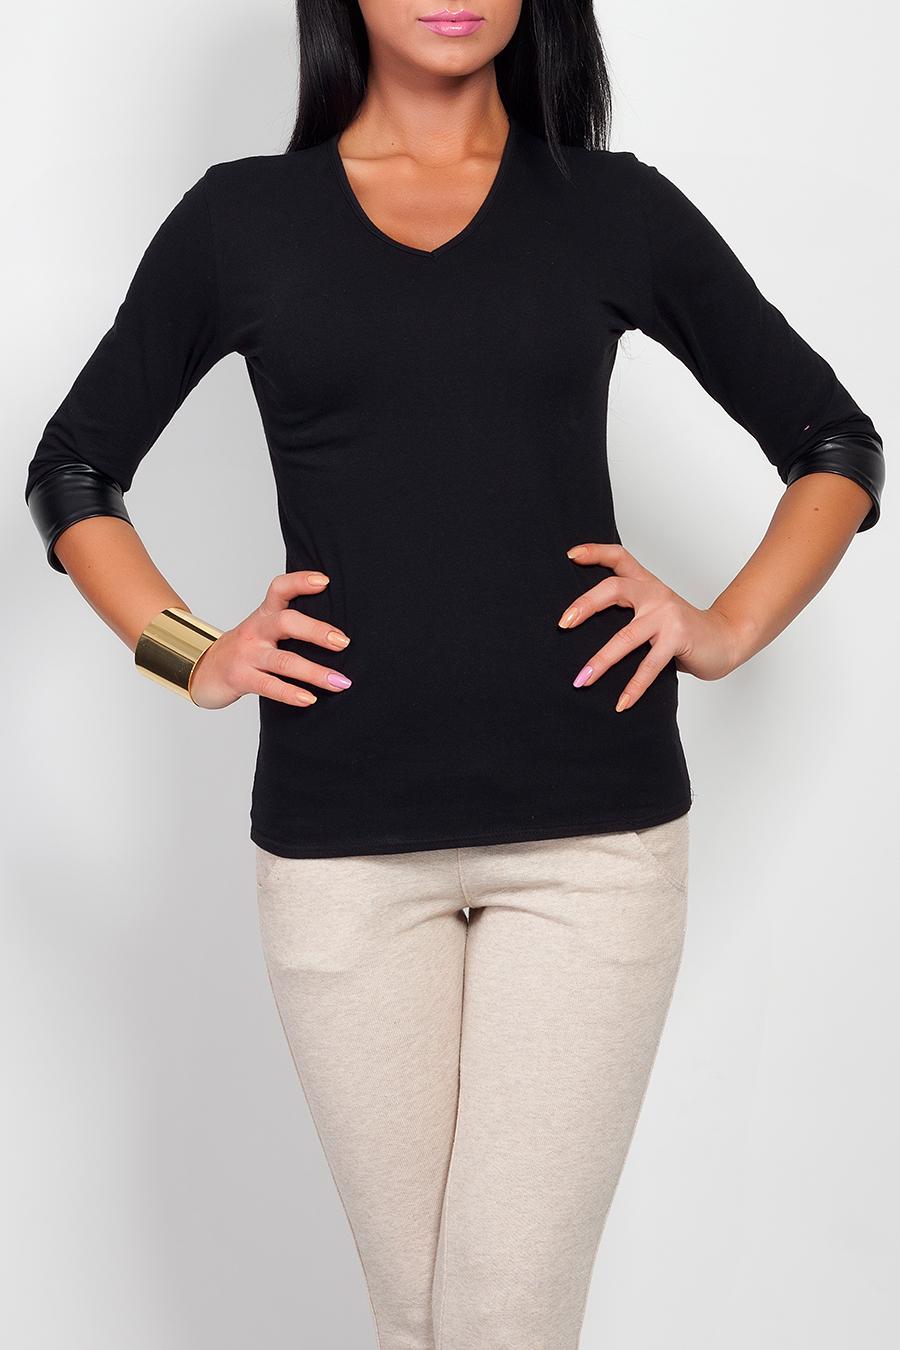 Bavlněné triko s doplňky z ekokůže, černá, jednotná